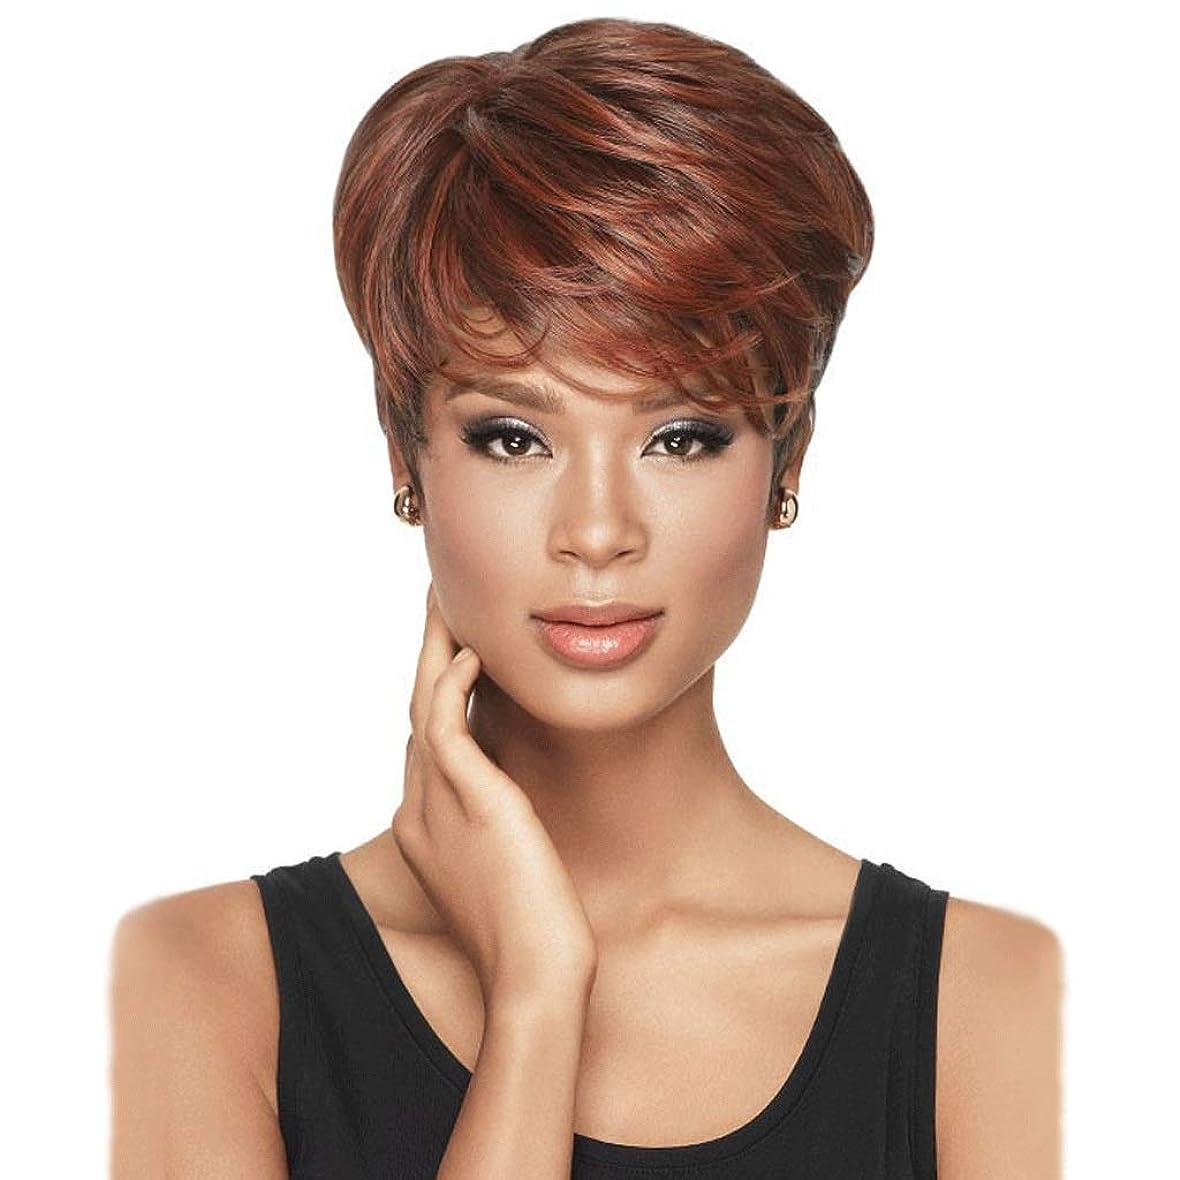 地味な解決する媒染剤黒人女性のための短い赤の人工毛かつら、耐熱ファイバーの髪、女性ハロウィンコスプレ衣装ファンシードレスパーティーのため (色 : 赤)